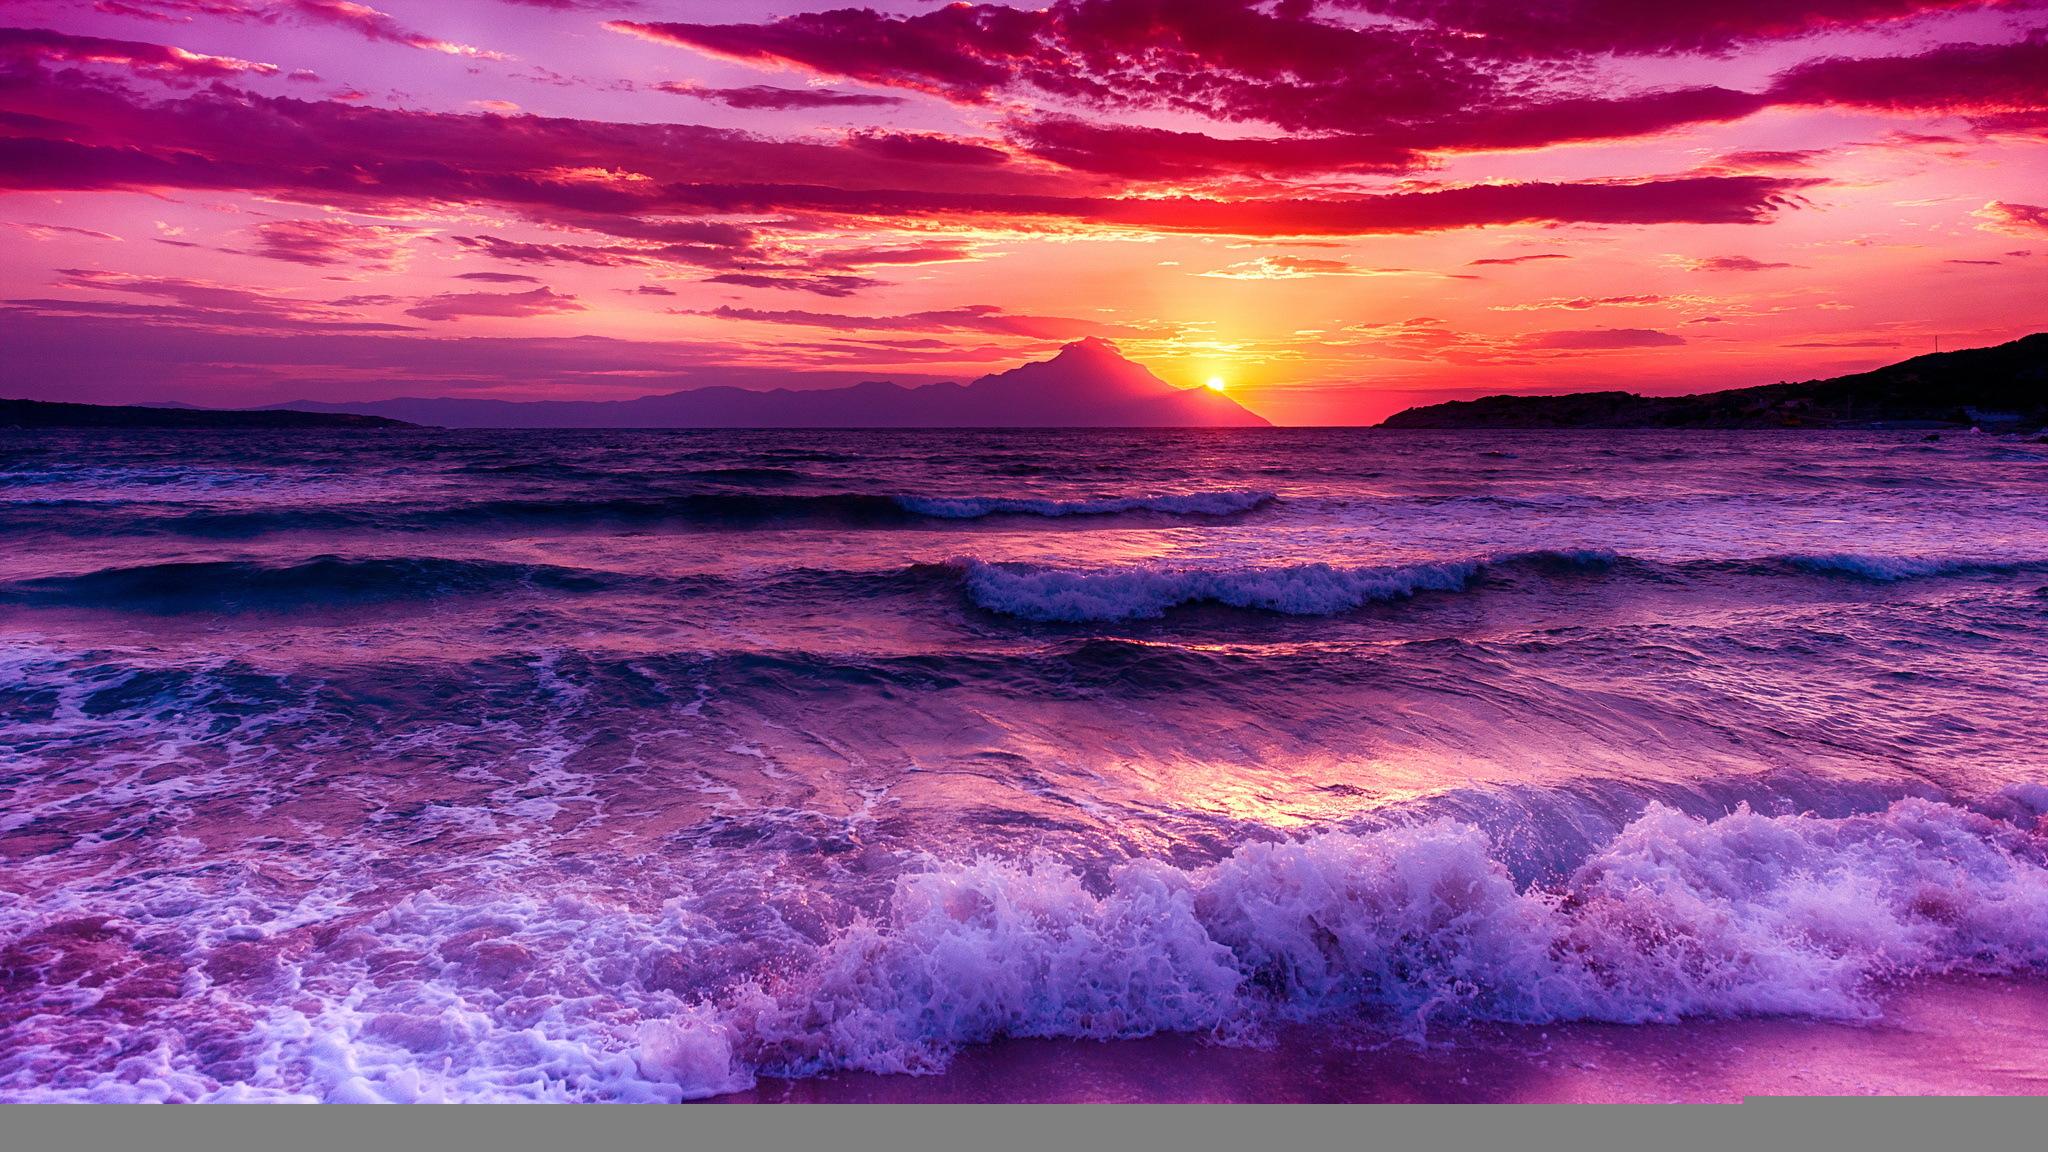 розовый закат, море, горы  № 3110089 без смс